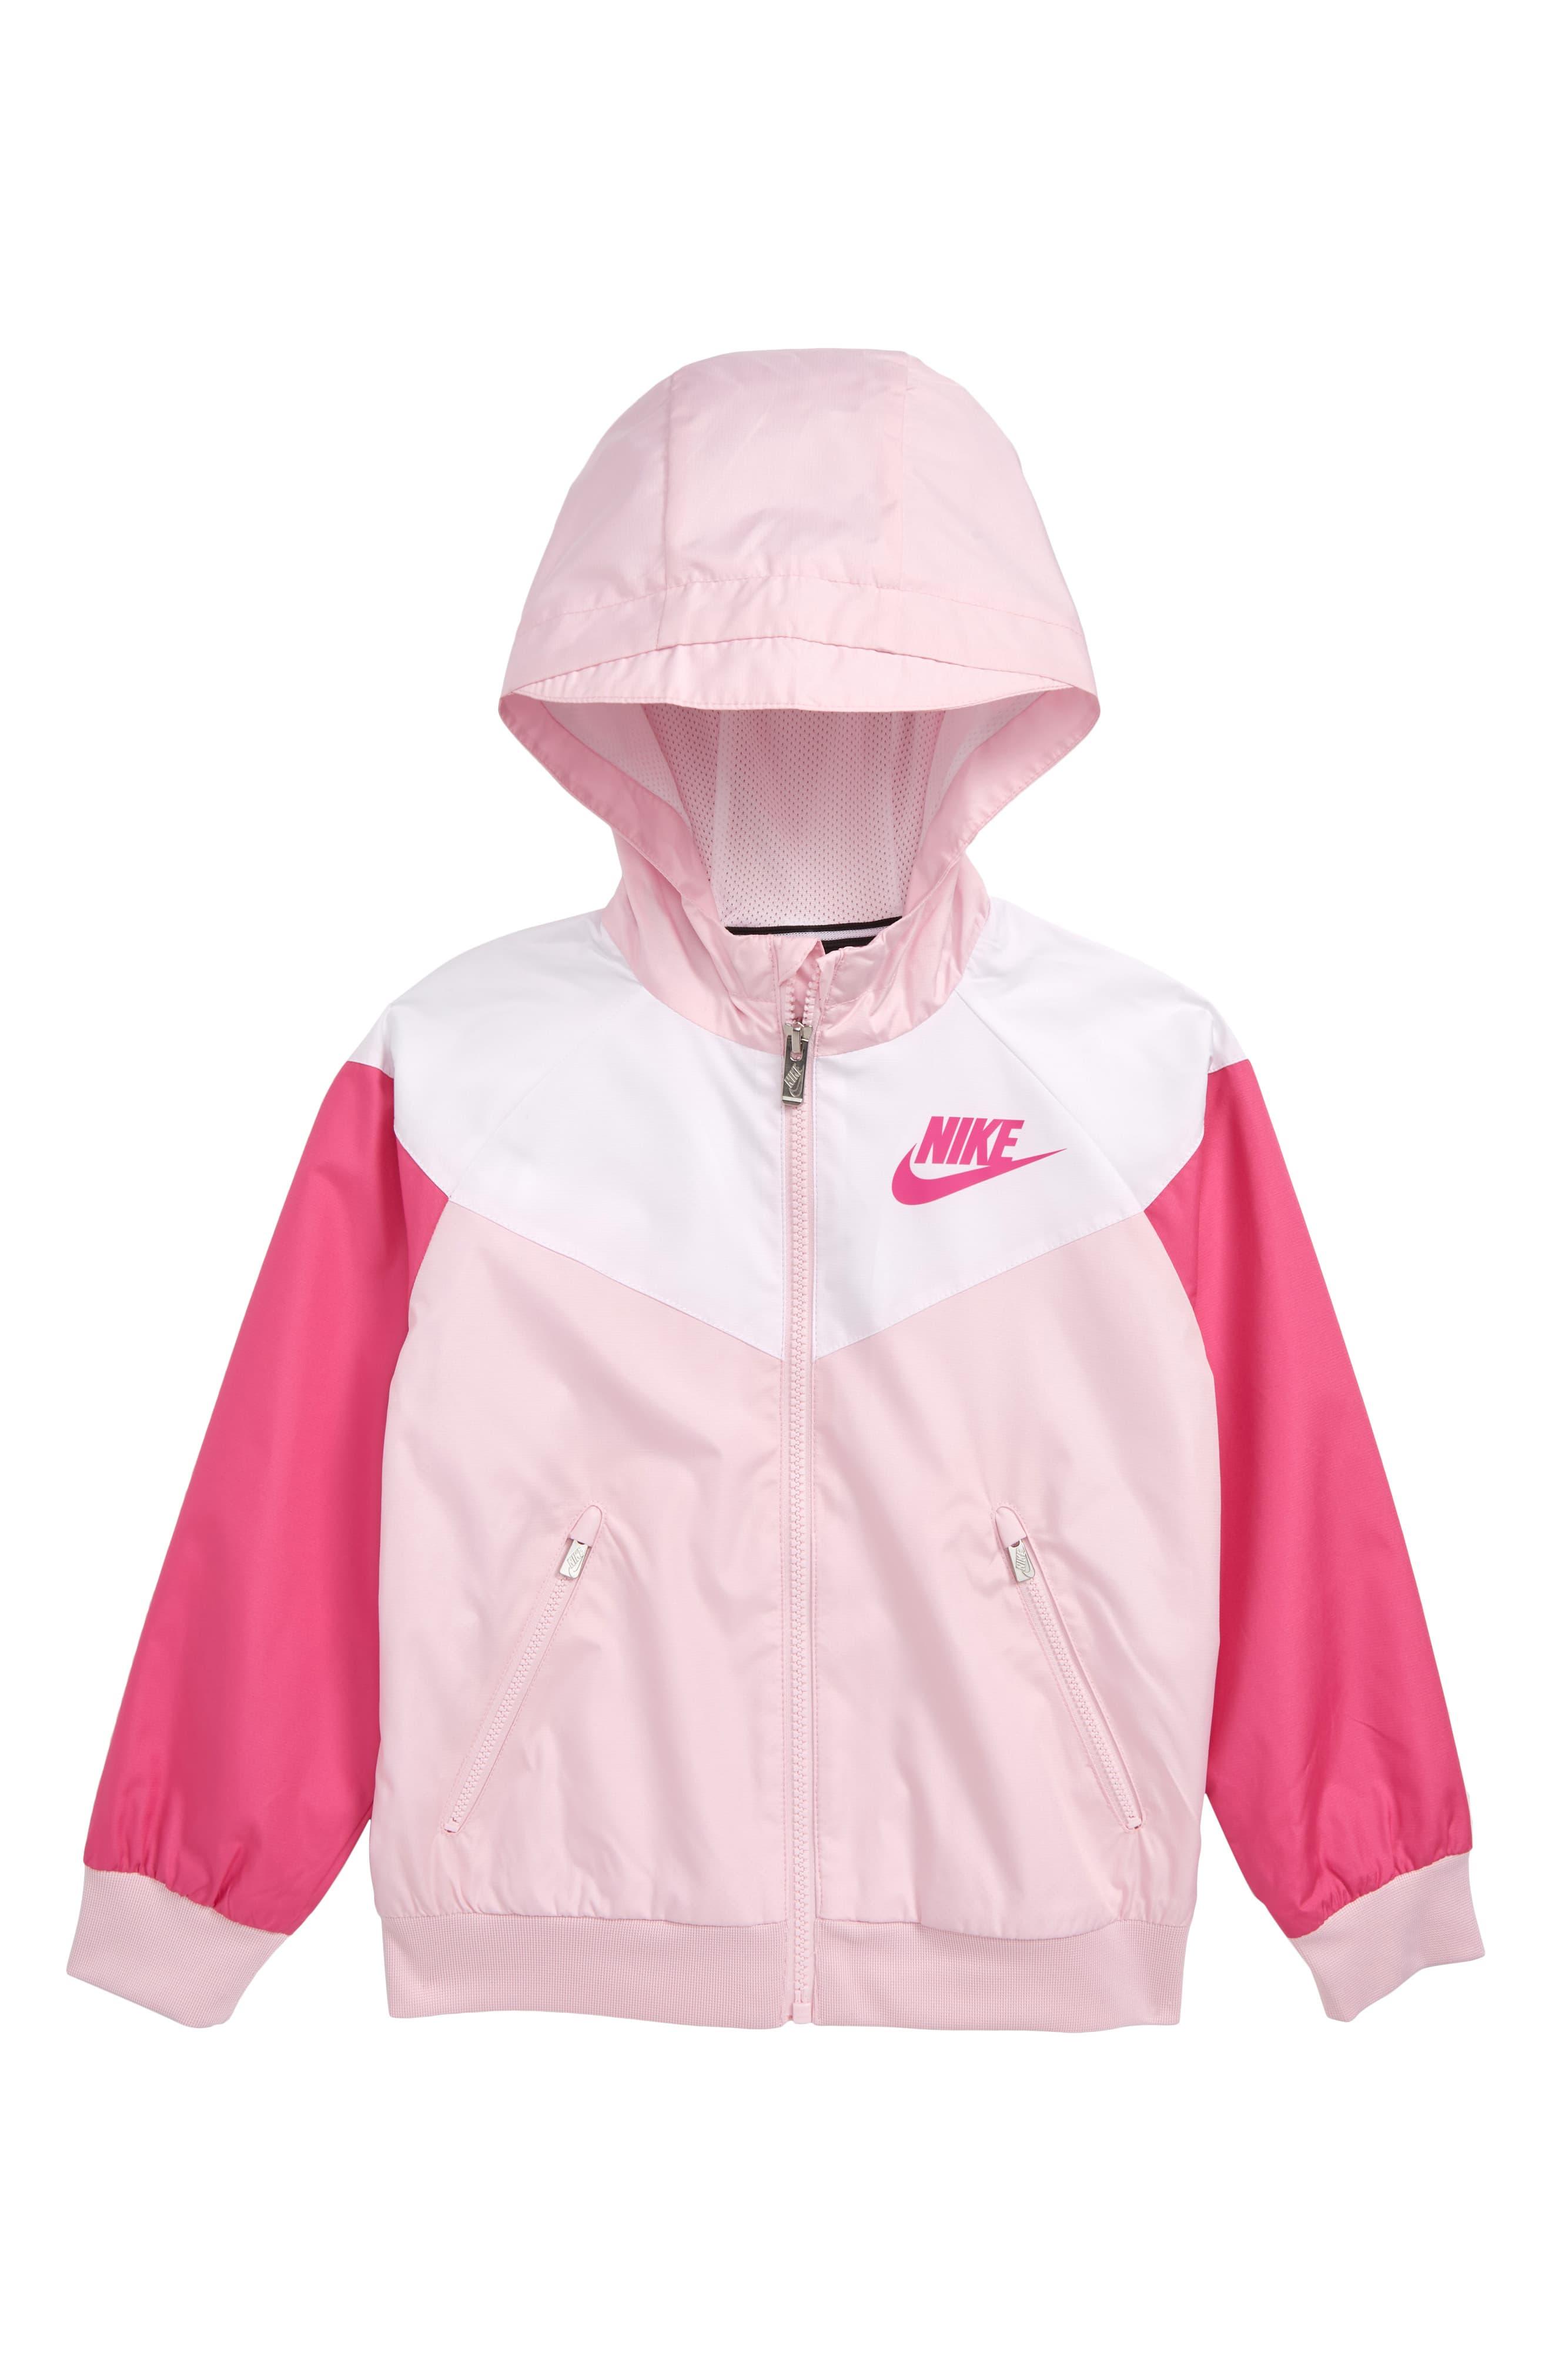 Baby Girls Pink Hooded Zip Up Top